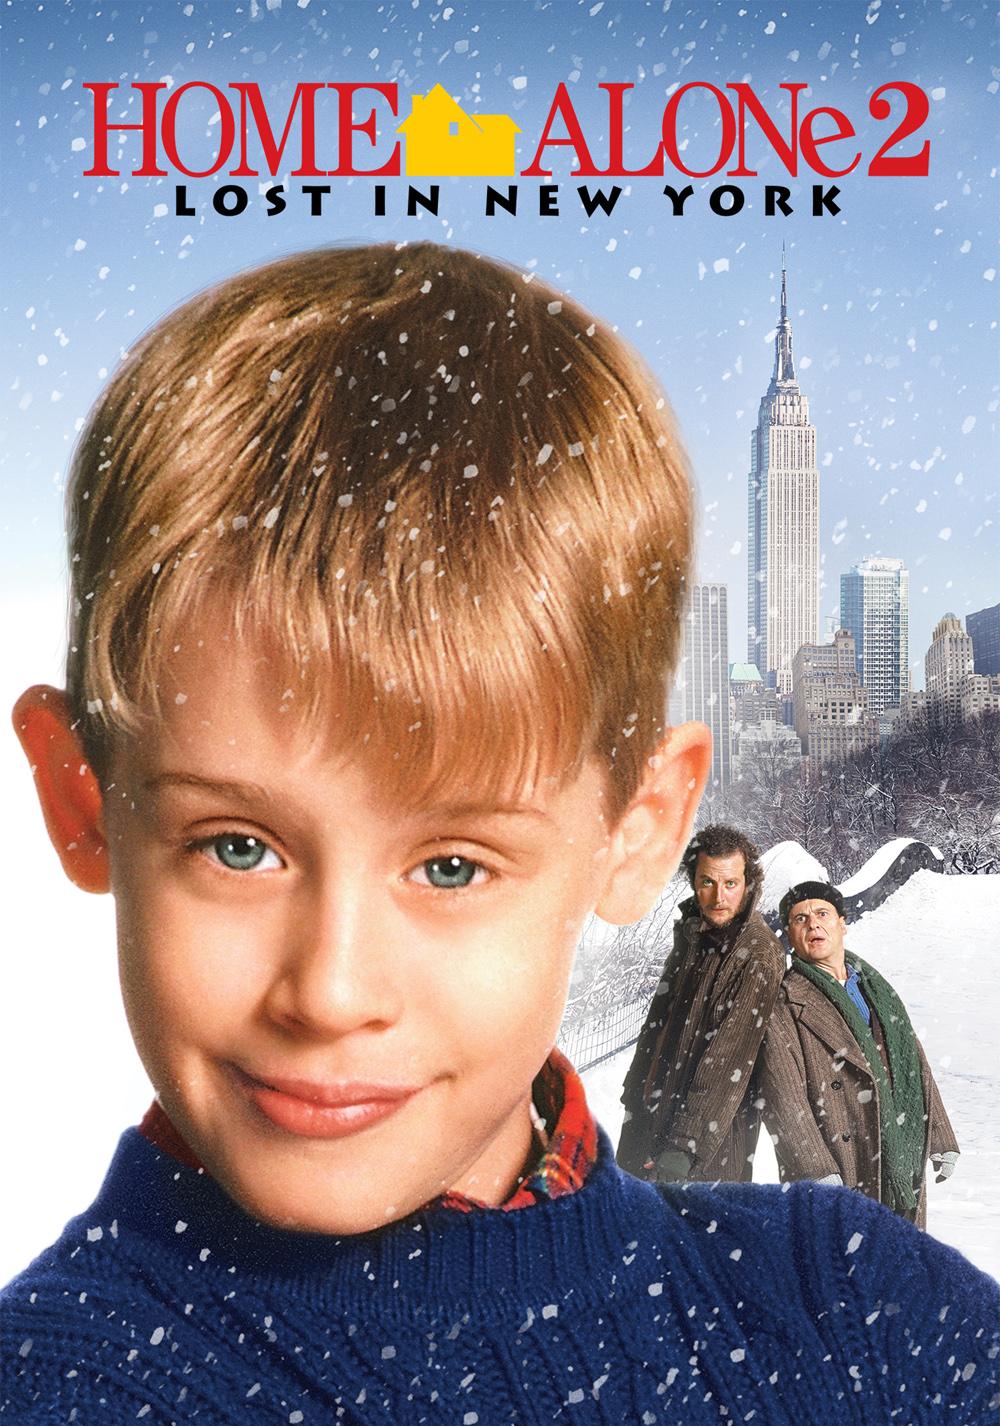 Home Alone 2: Lost in New York | Movie fanart | fanart.tv